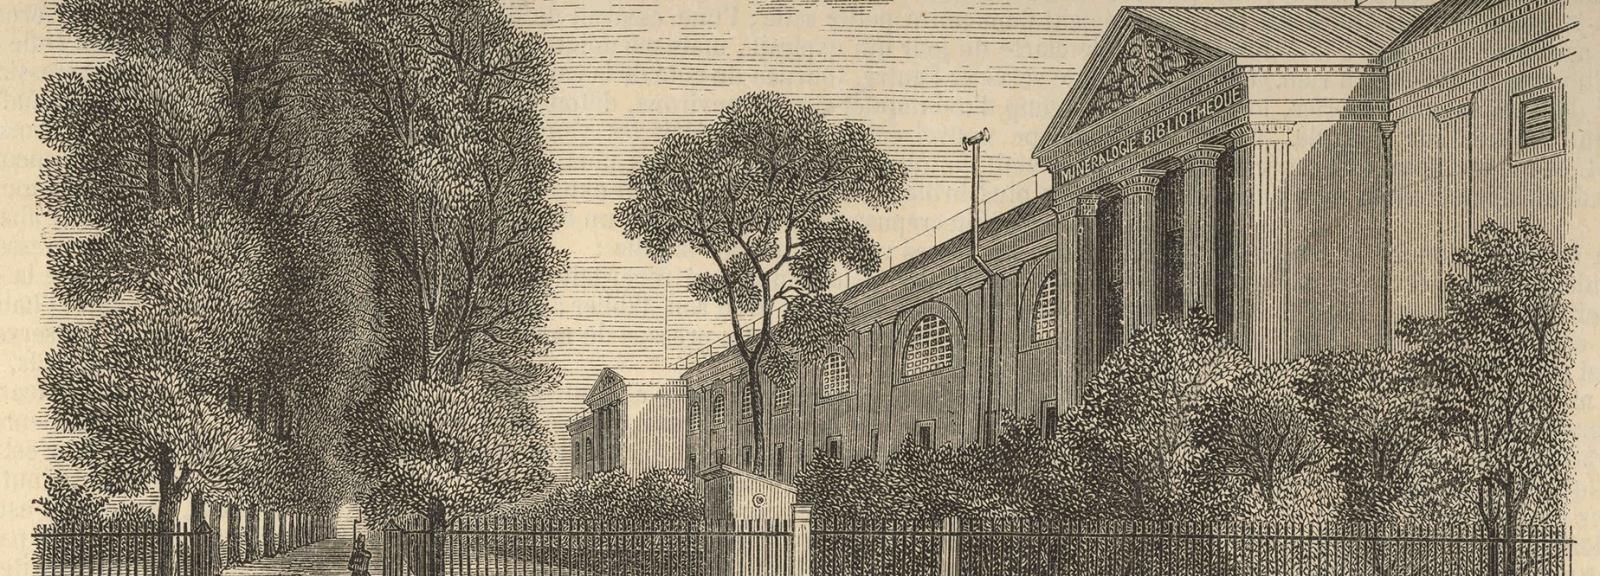 Vue extérieure de la Galerie de Minéralogie en 1855 - Gravure tirée du Journal L'illustration